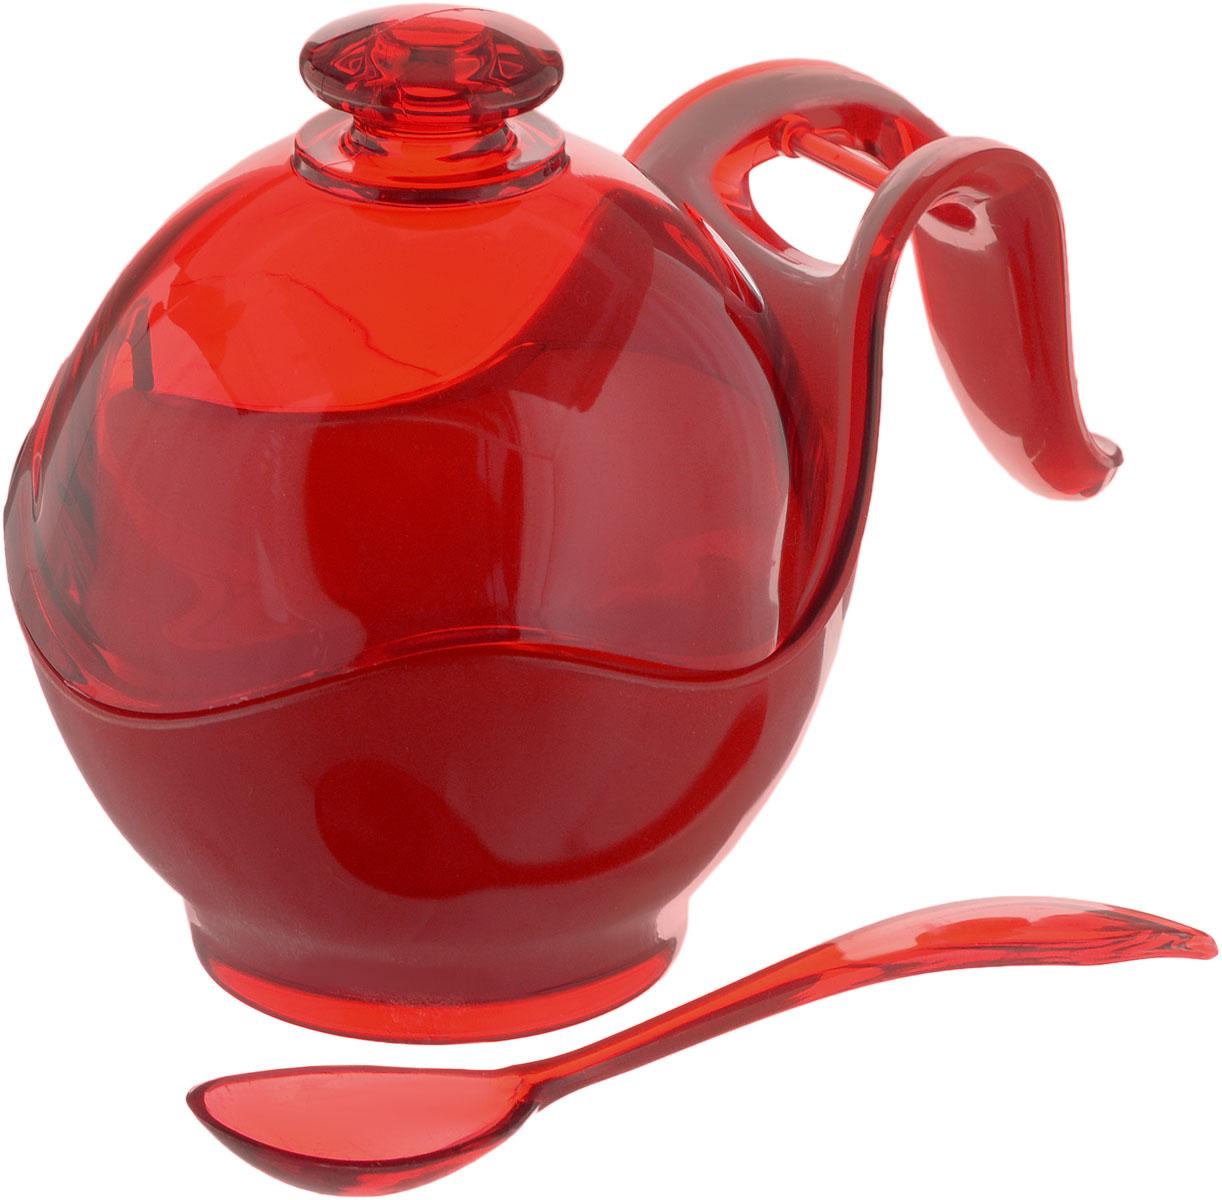 Сахарница Indecor, с ложкой, цвет: красный, белый. IND576IND576rСахарница Indecor изготовлена из пластика. Изделие выполнено в классическом стиле. Сахарница оснащена ручкой для удобной переноски и ложкой. Благодаря объемной крышки в ней удобно хранить рафинад. Сахарница Indecor станет незаменимым атрибутом любого чаепития, праздничного, вечернего или на открытом воздухе, а также подчеркнет ваш изысканный вкус. Размер сахарницы (по верхнему краю): 8 х 9,5 см. Ширина сахарницы (с учетом ручки): 14 см. Высота сахарницы (с учетом крышки): 11 см. Длина ложки: 13 см.